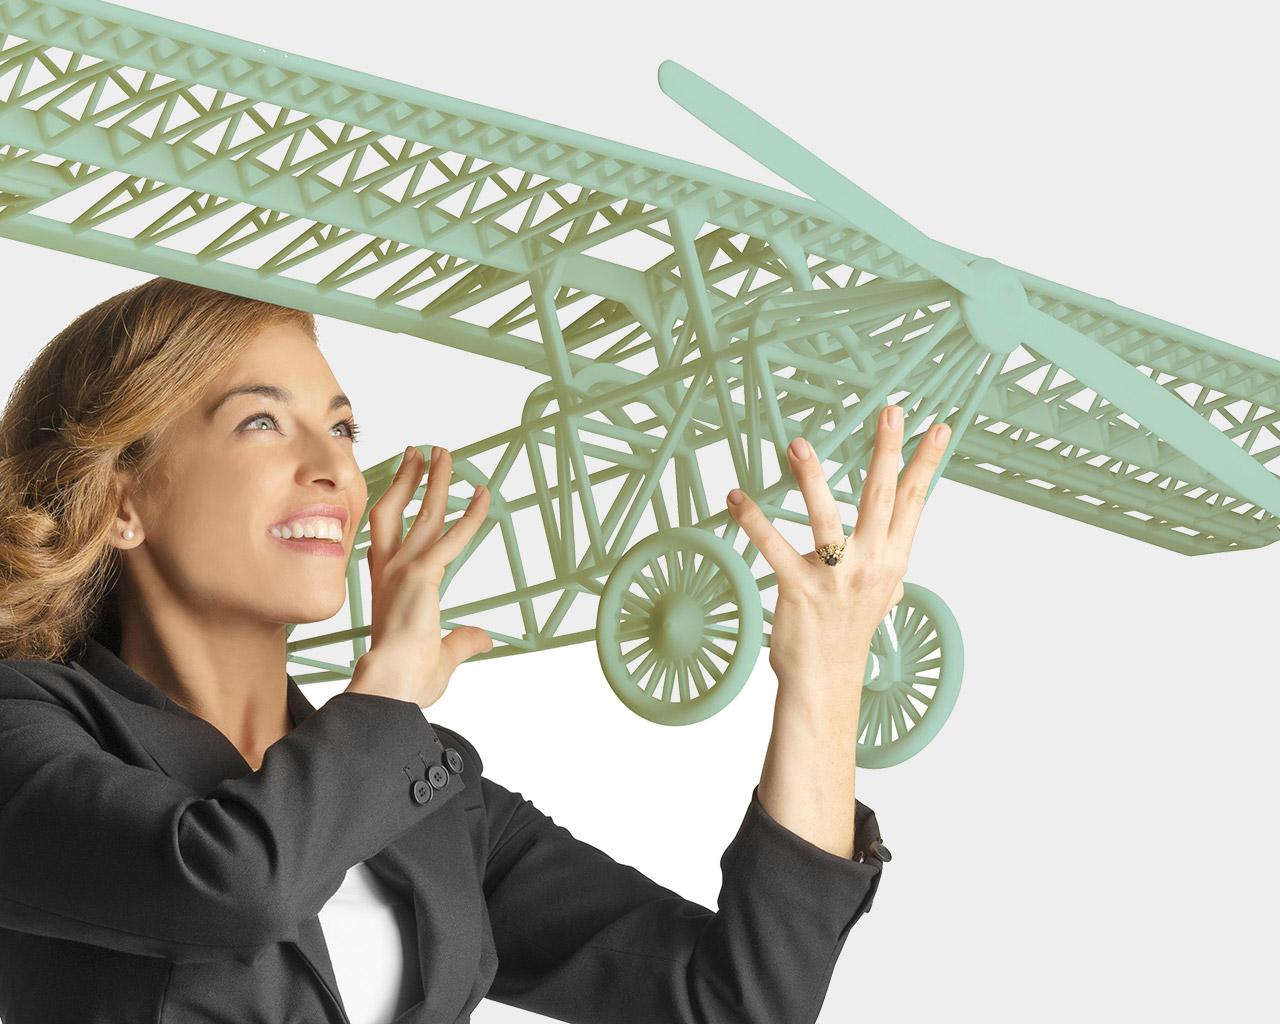 Großraum 3D Drucker Objet1000 Muster